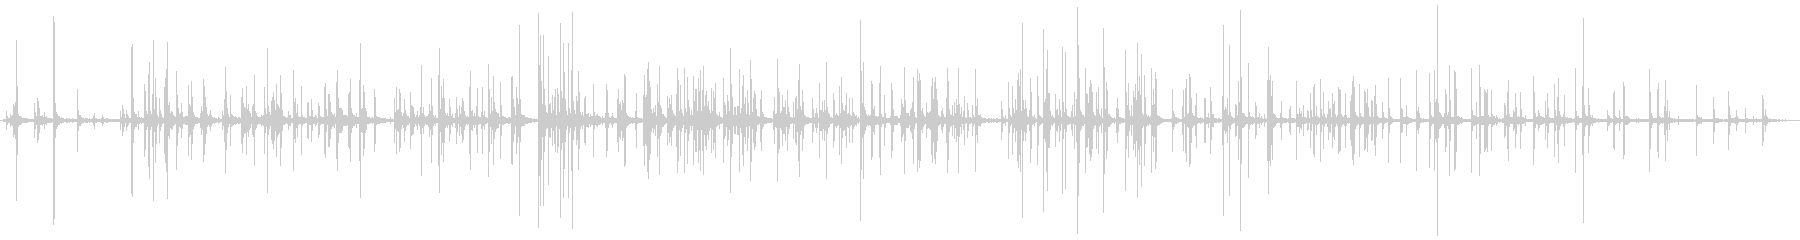 ポップコーンポップの未再生の波形